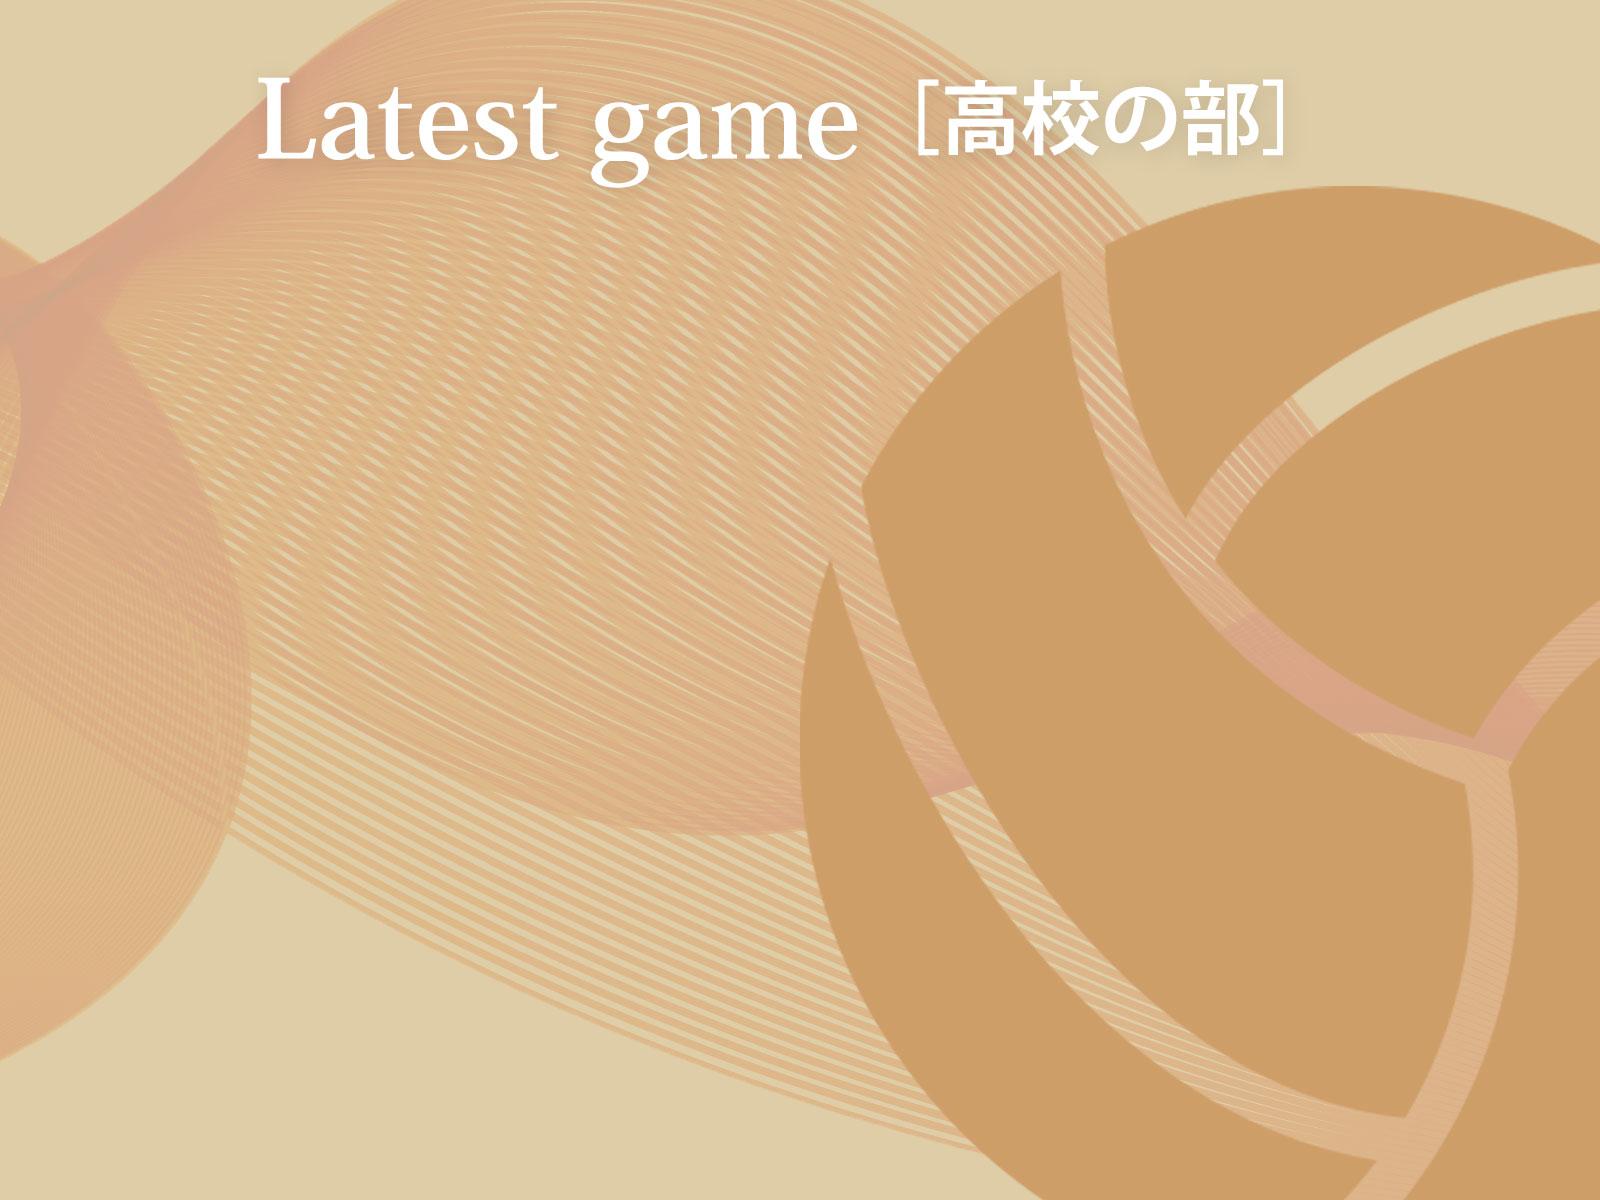 最新試合情報[高校の部]